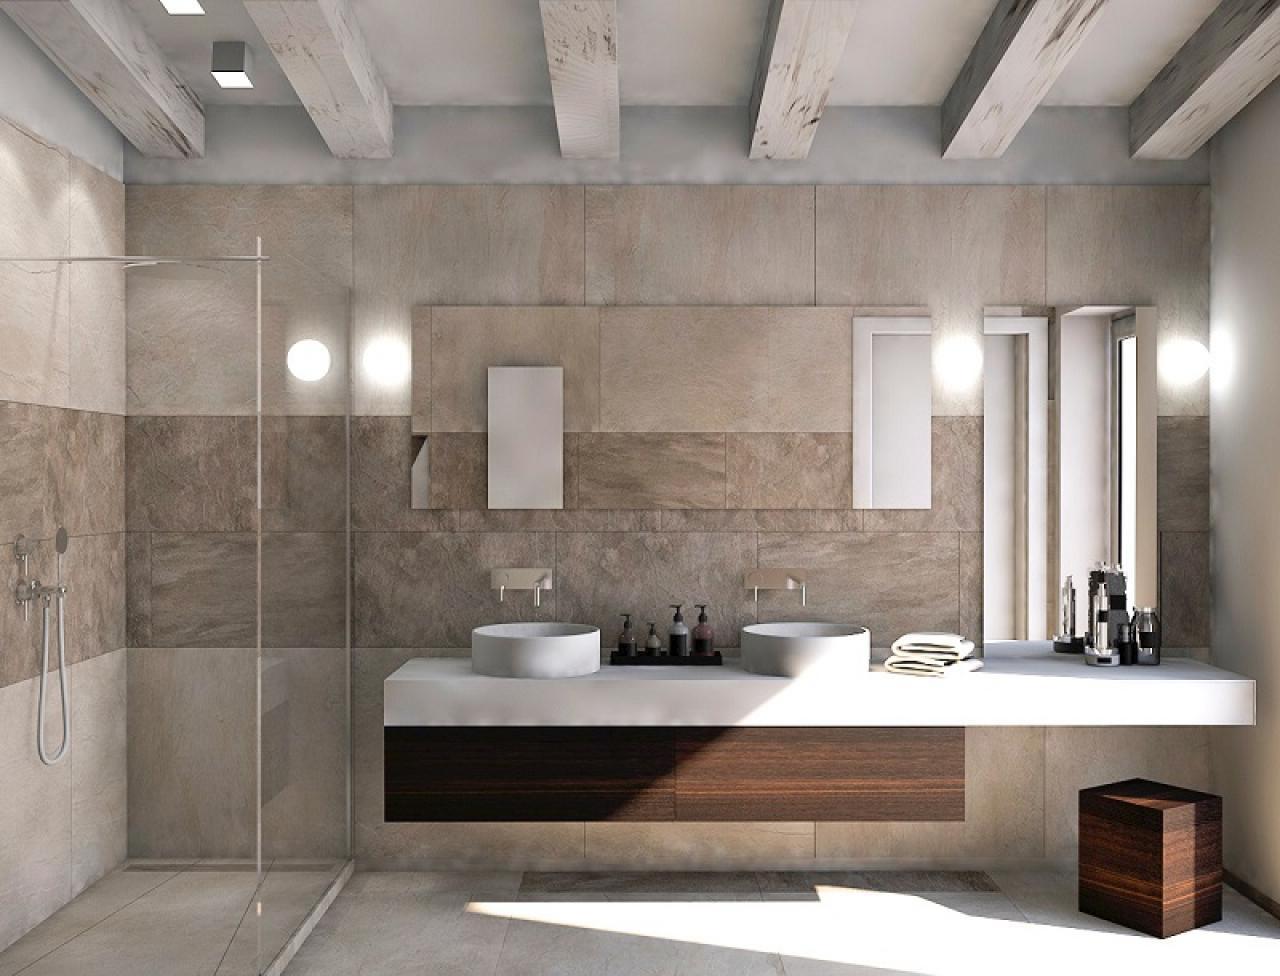 Armadietto Bagno Moderno mobili bagno: sospesi o a terra? | fratelli pellizzari